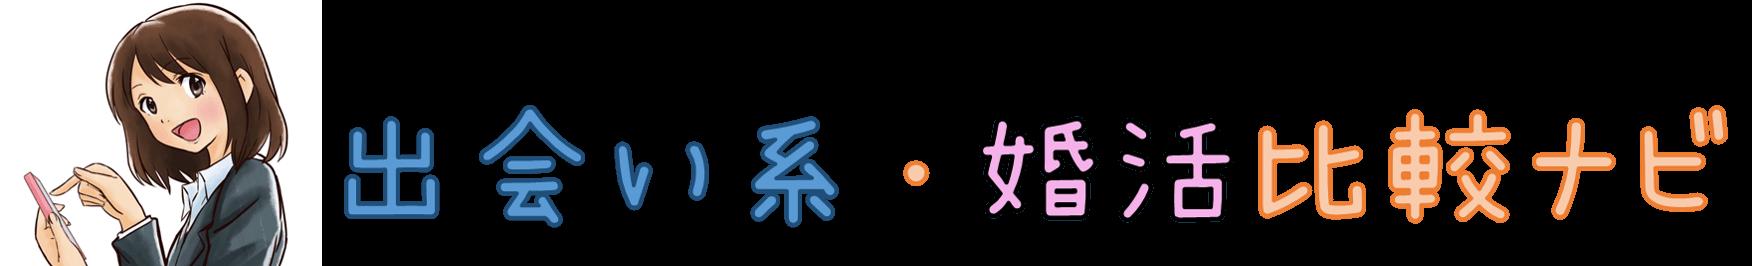 出会い系比較サイト-恋活・婚活・セフレ探しならこれ!